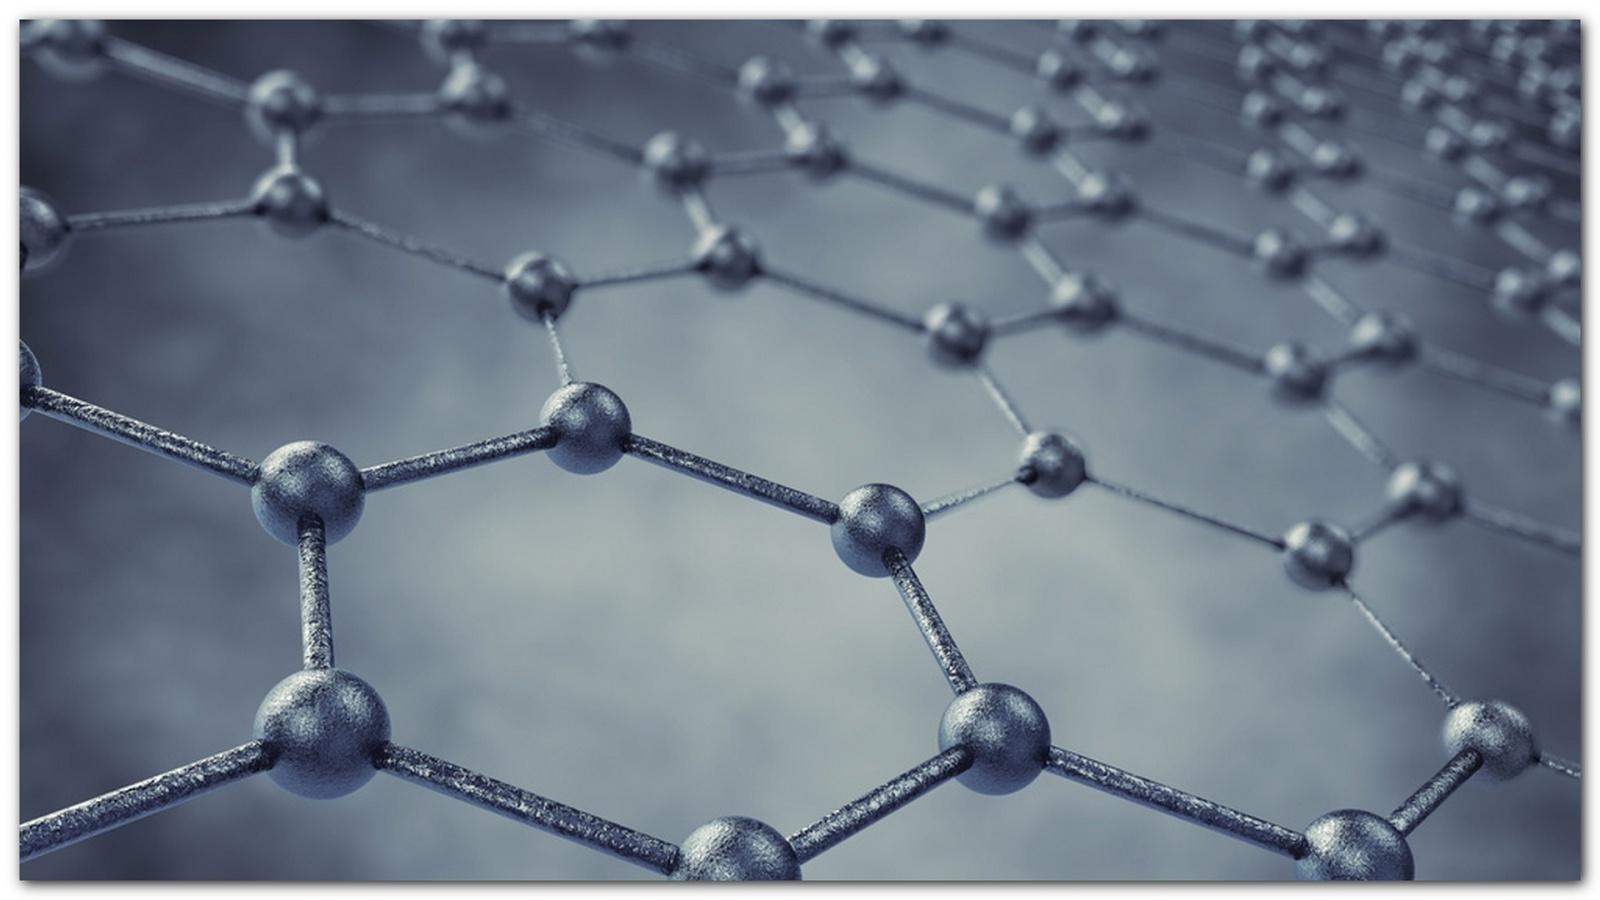 Экспертное мнение: Двумерные материалы, их свойства и перспективы - 1